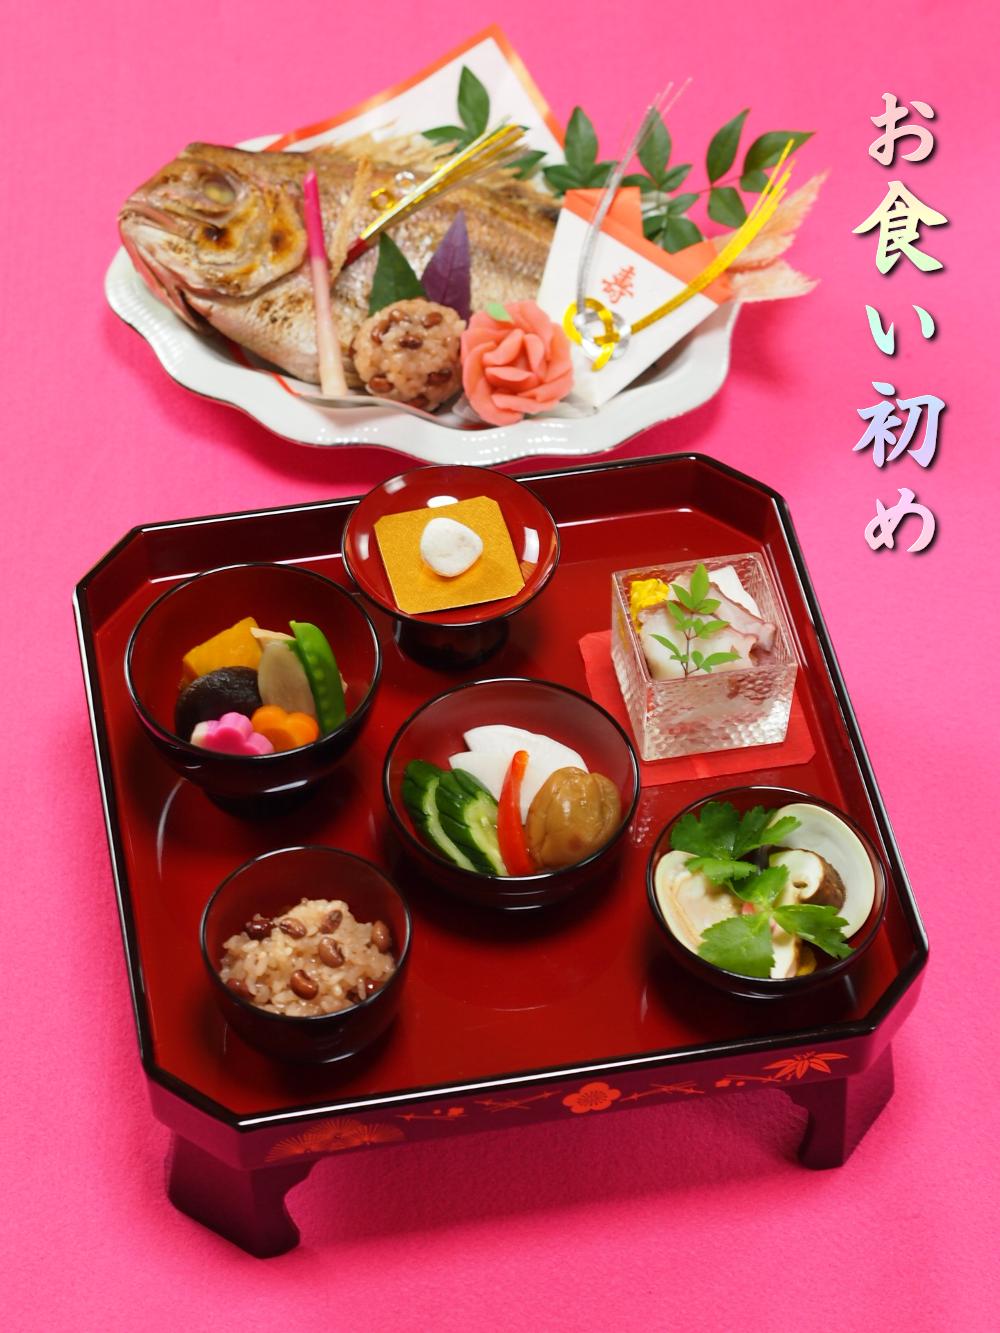 【560組の実績】武蔵関へお食い初めの仕出し宅配